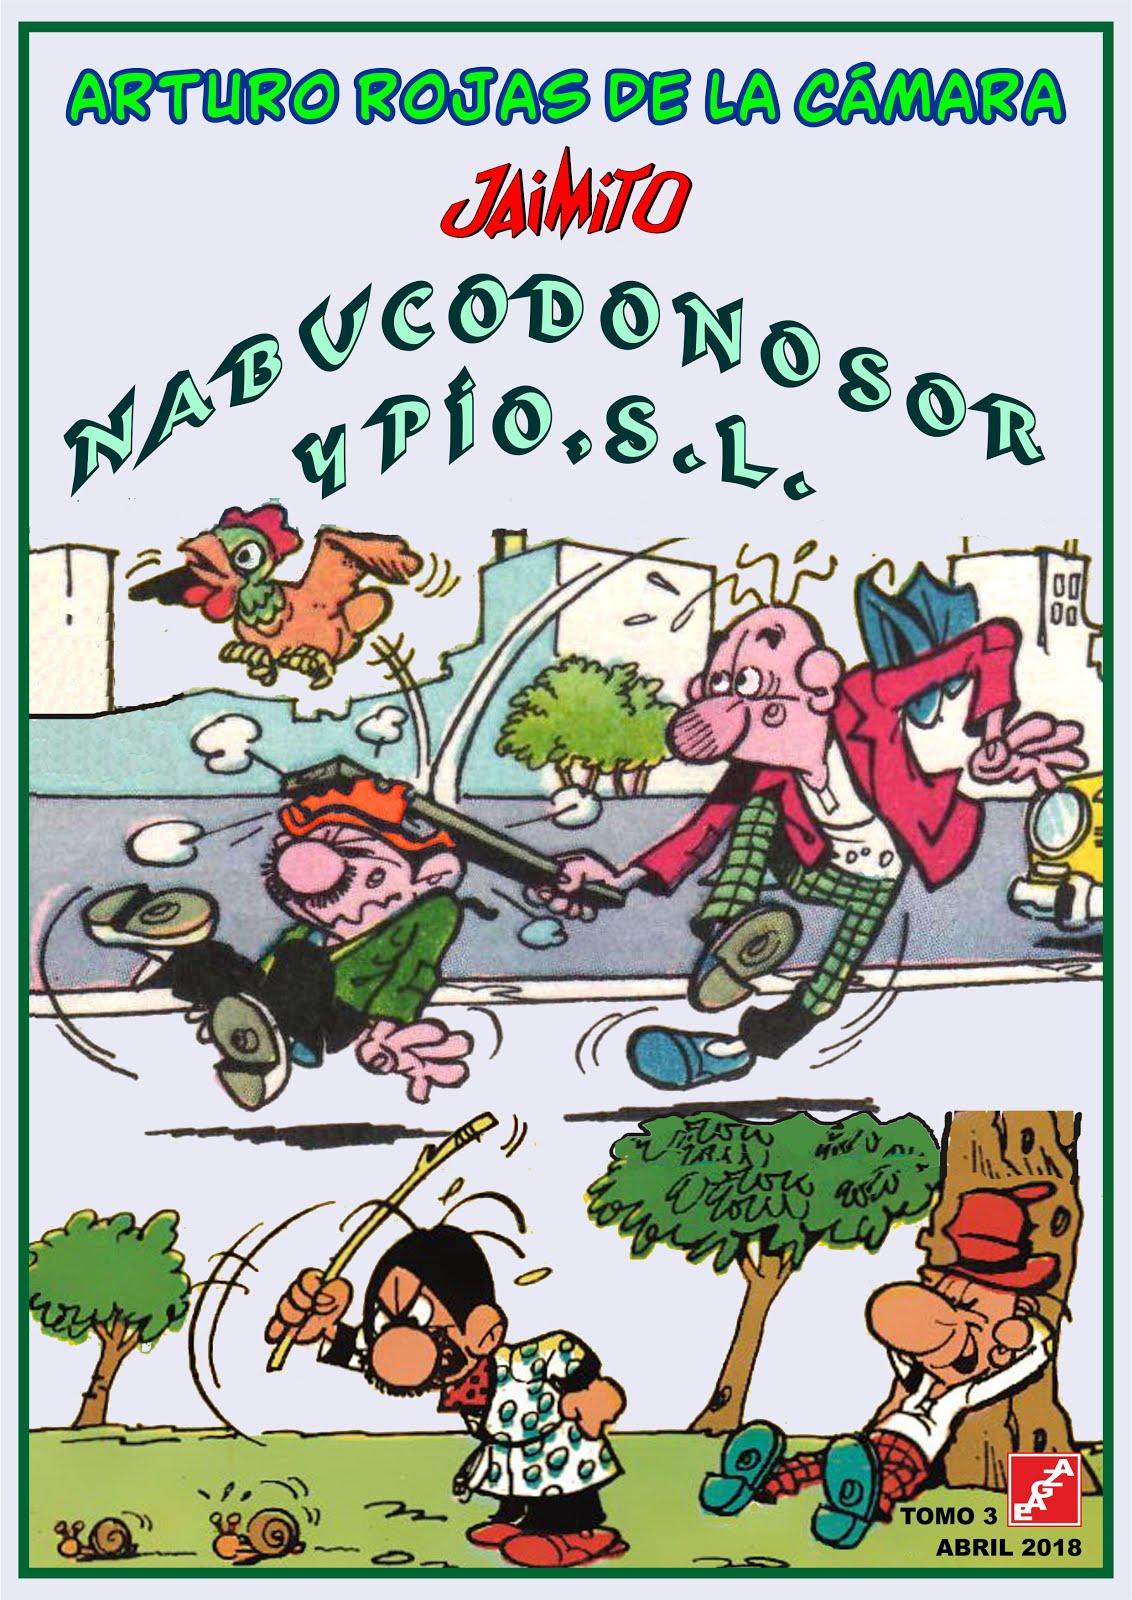 Nabucodonosor y Pío, S.L.. - Tomos 1, 2 y 3 - A. Rojas de la Cámara - EAGZA